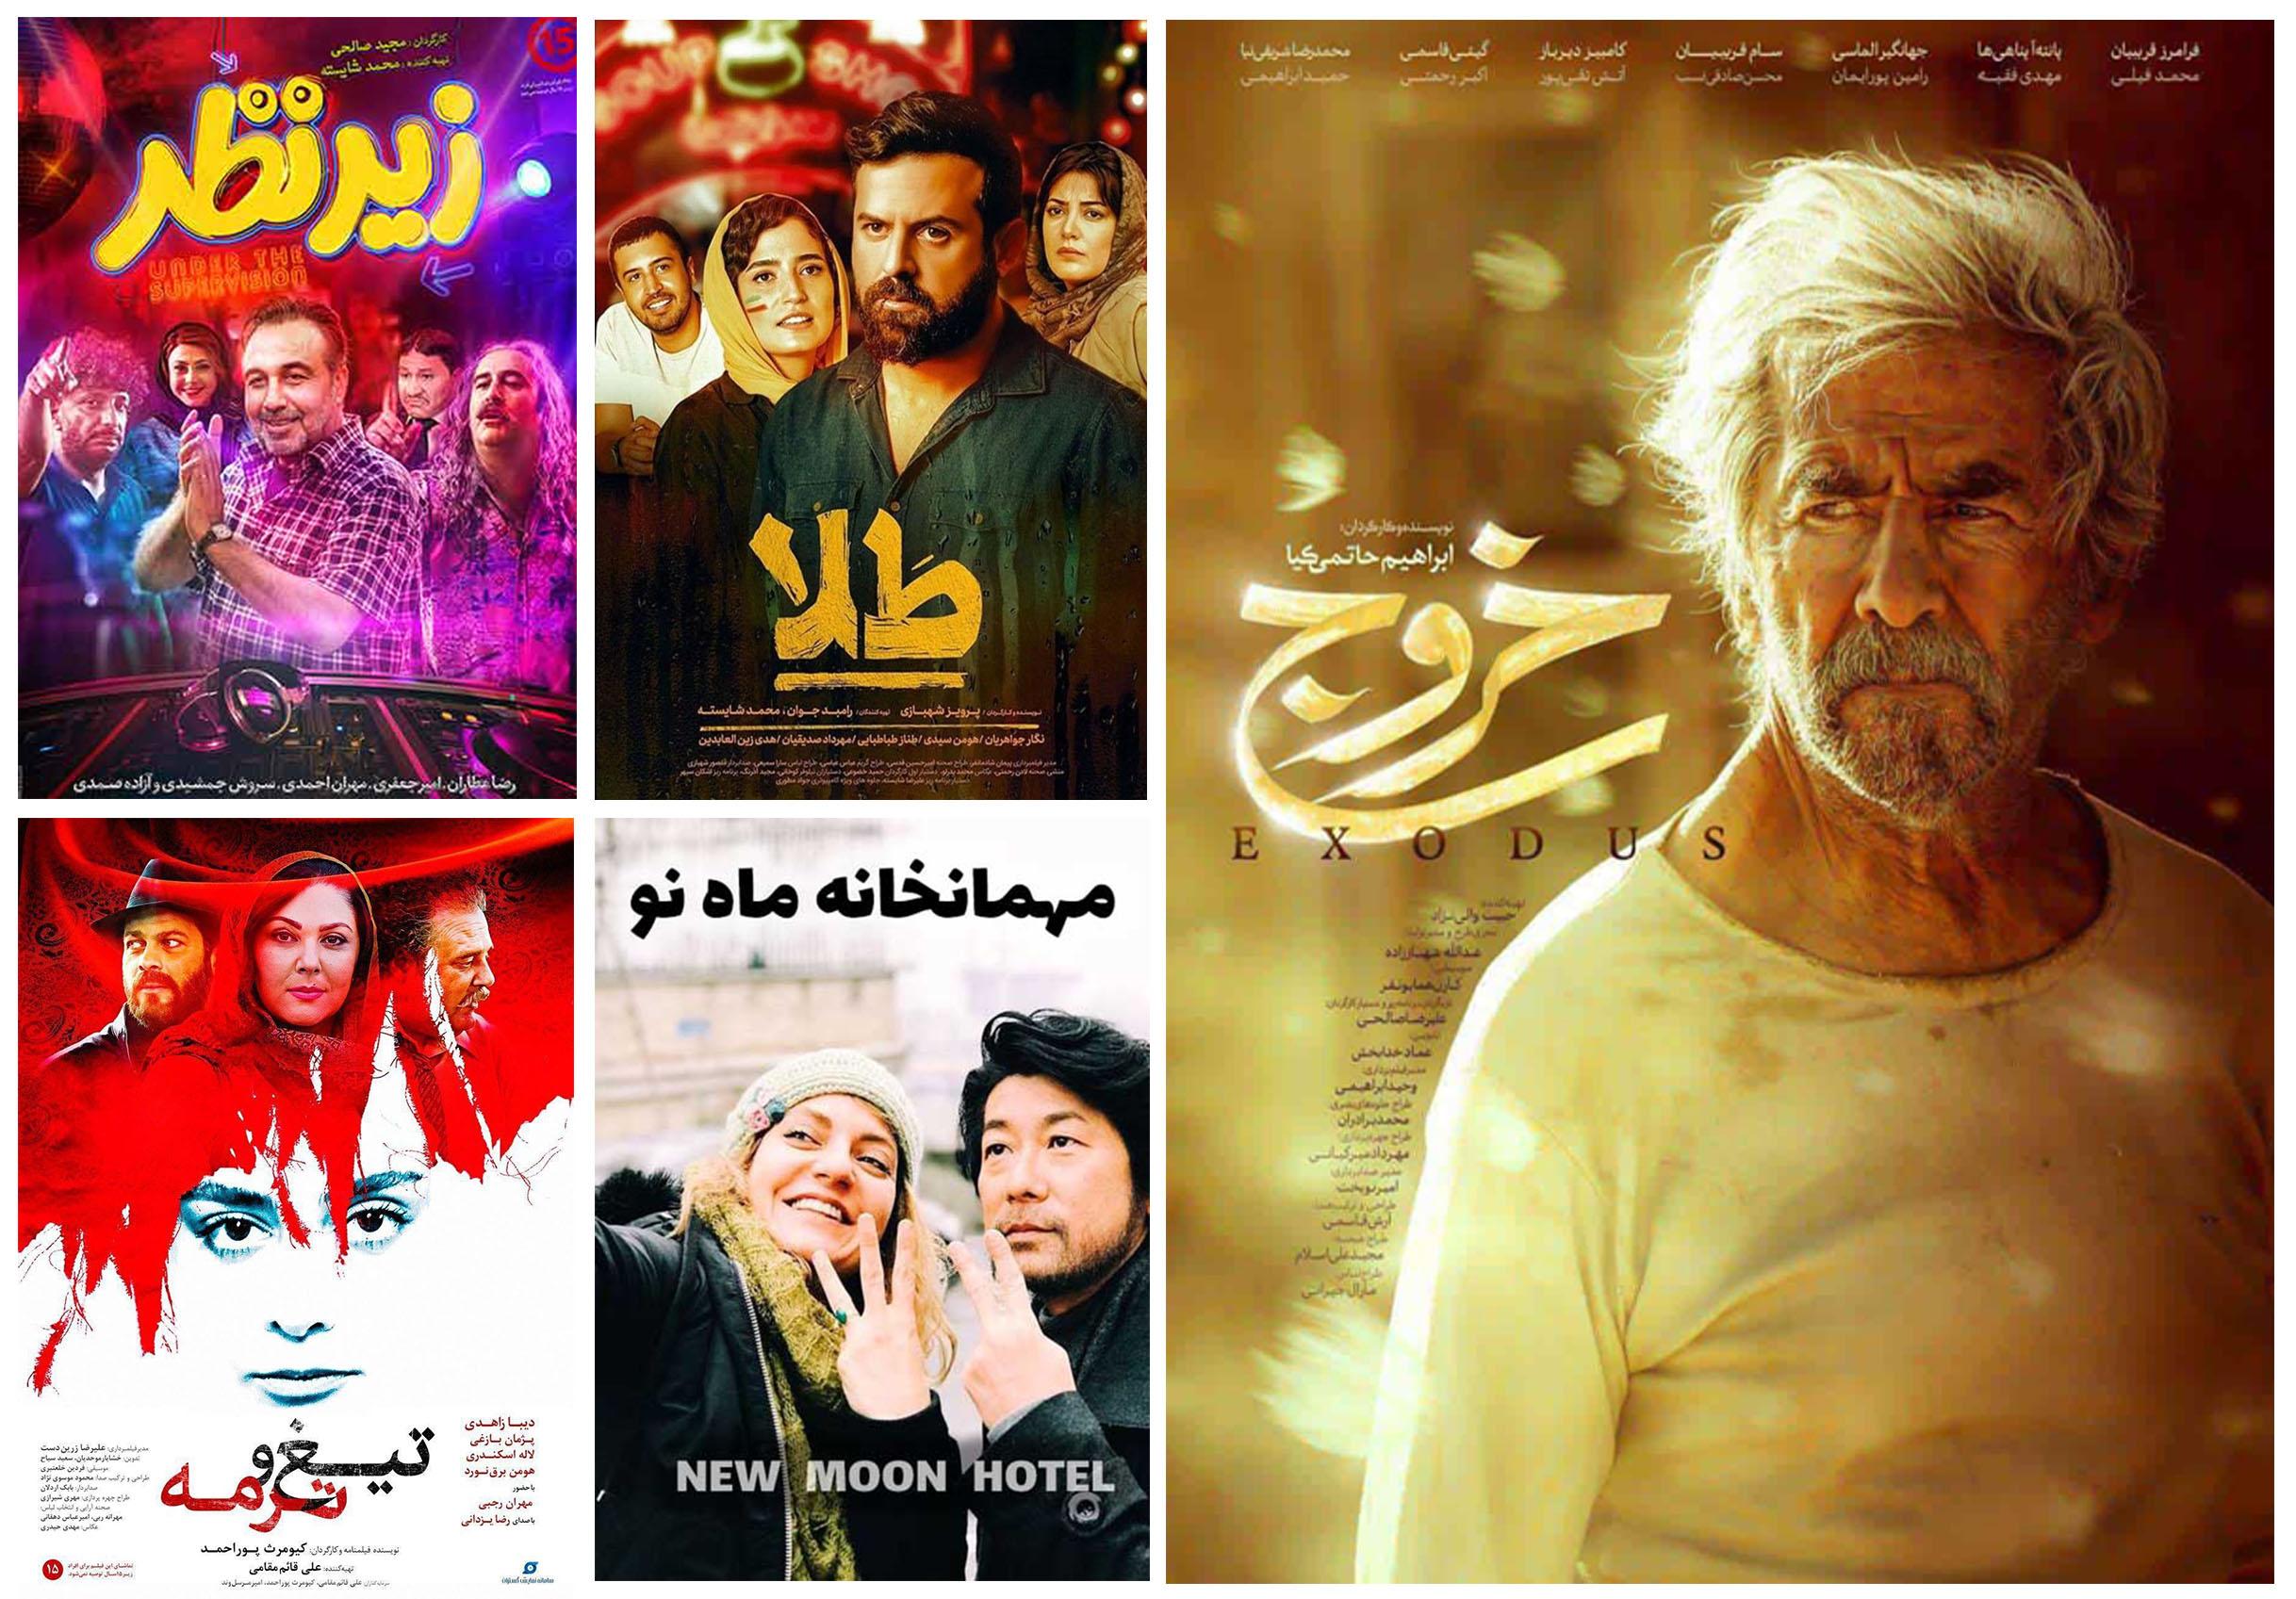 تصویر از اولین آمار فروش سینمای آنلاین در ایران اعلام شد